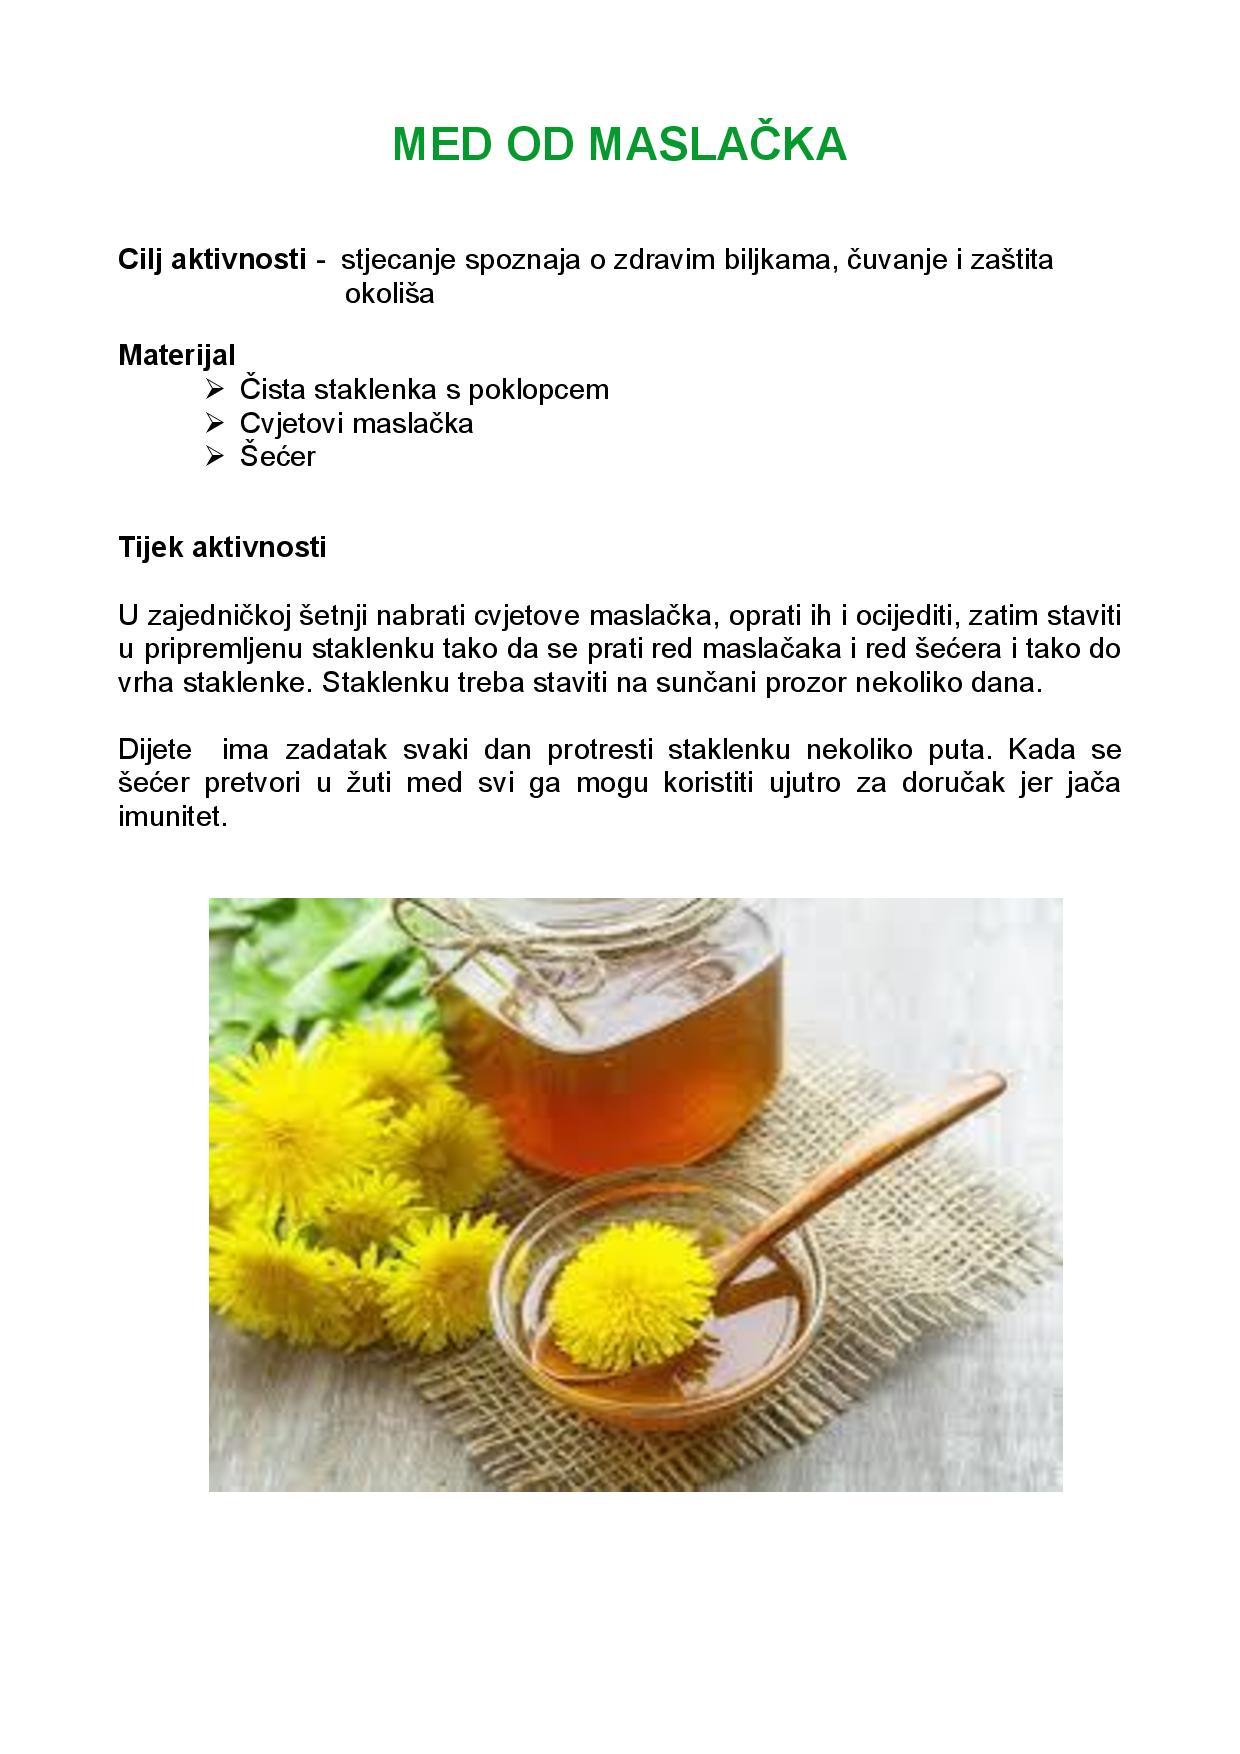 Med od maslačka 1   GRDELIN BUZET